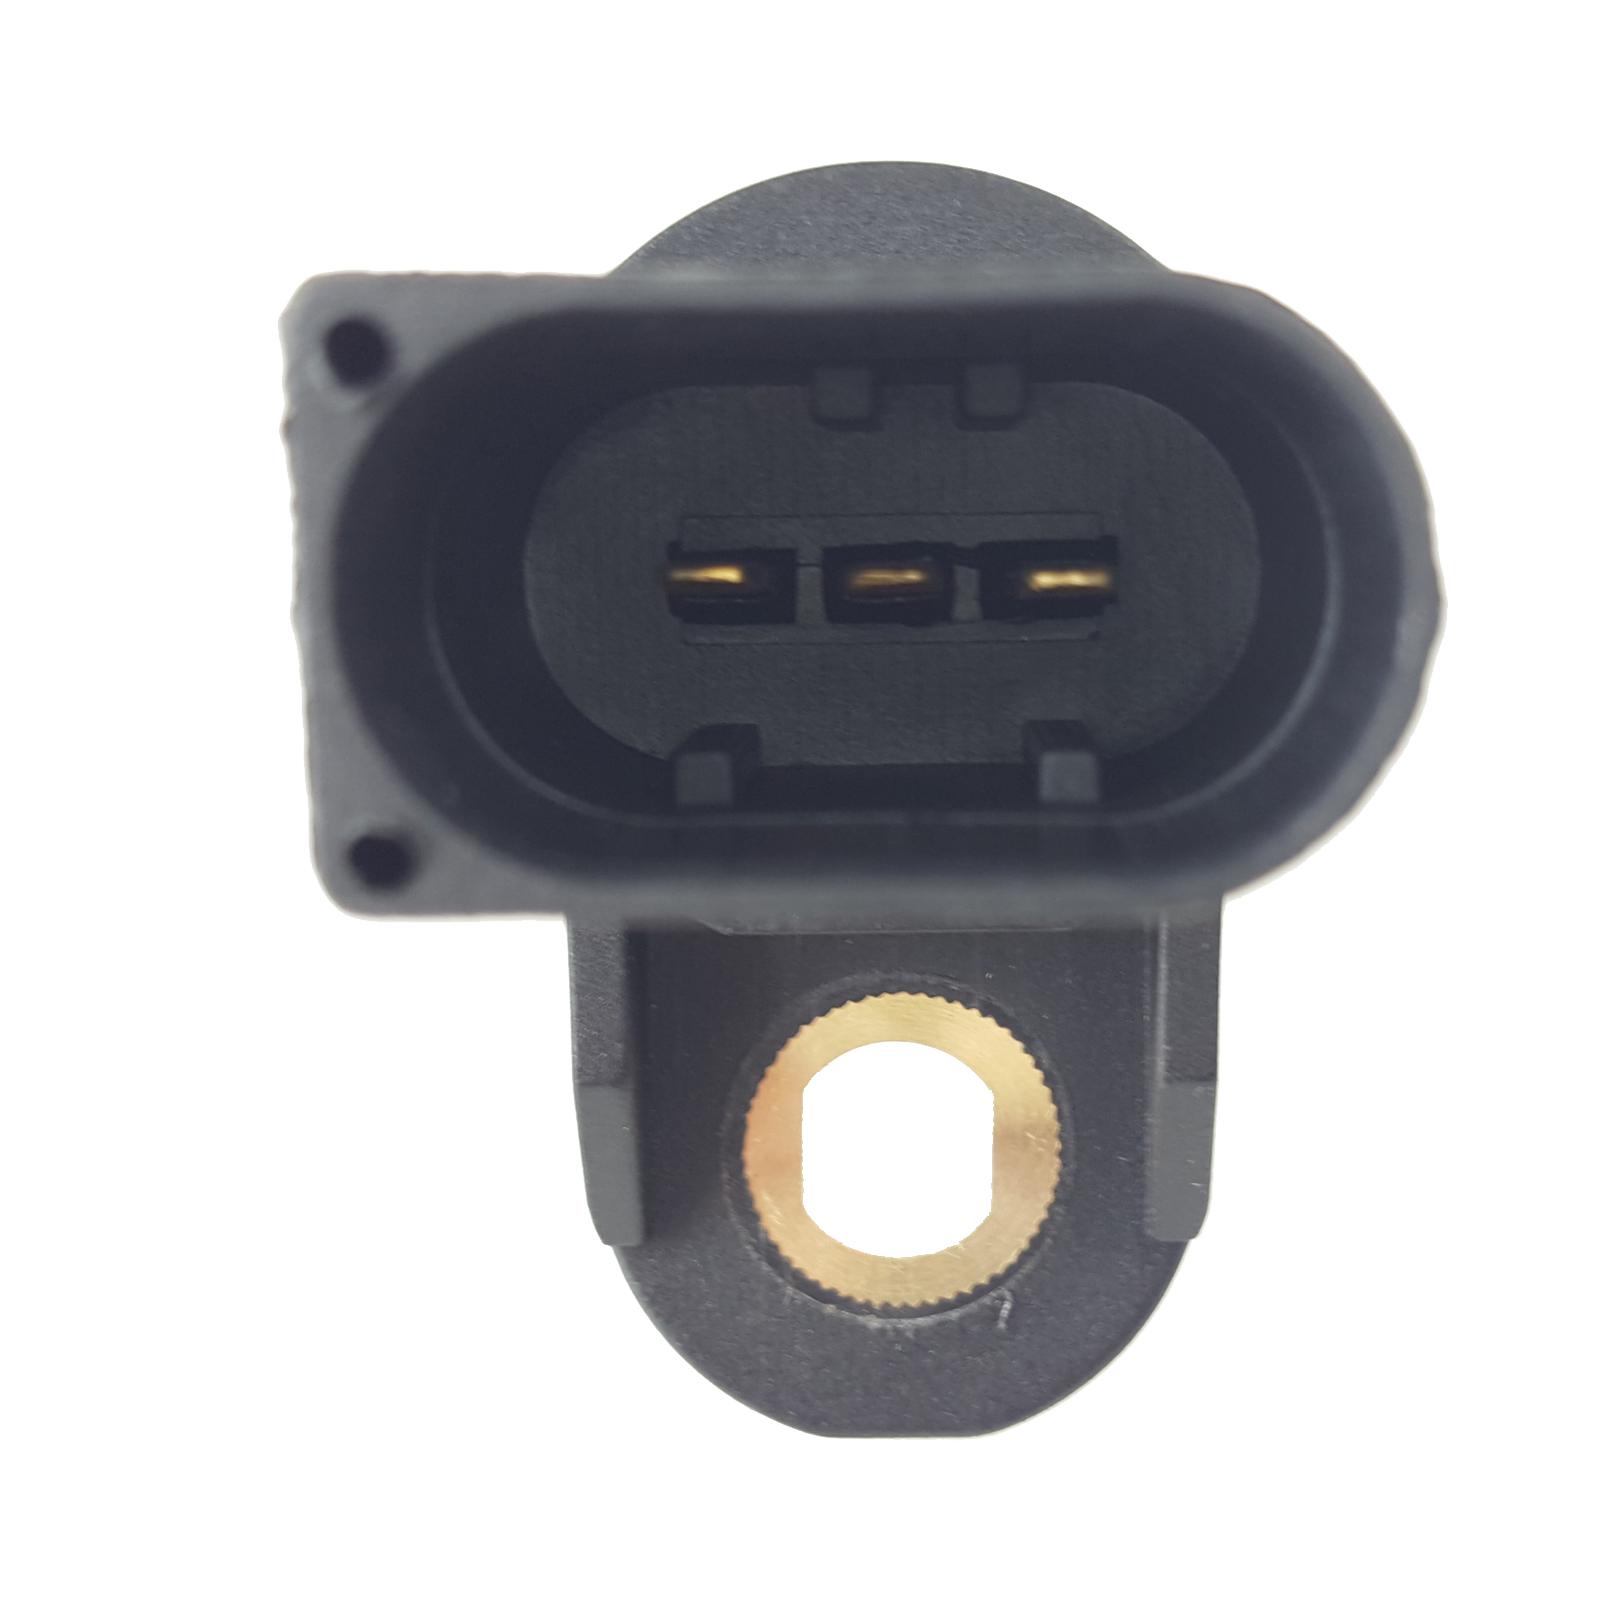 BMW E36 E39 E46 E90 E83 E85 Camshaft Position Sensor